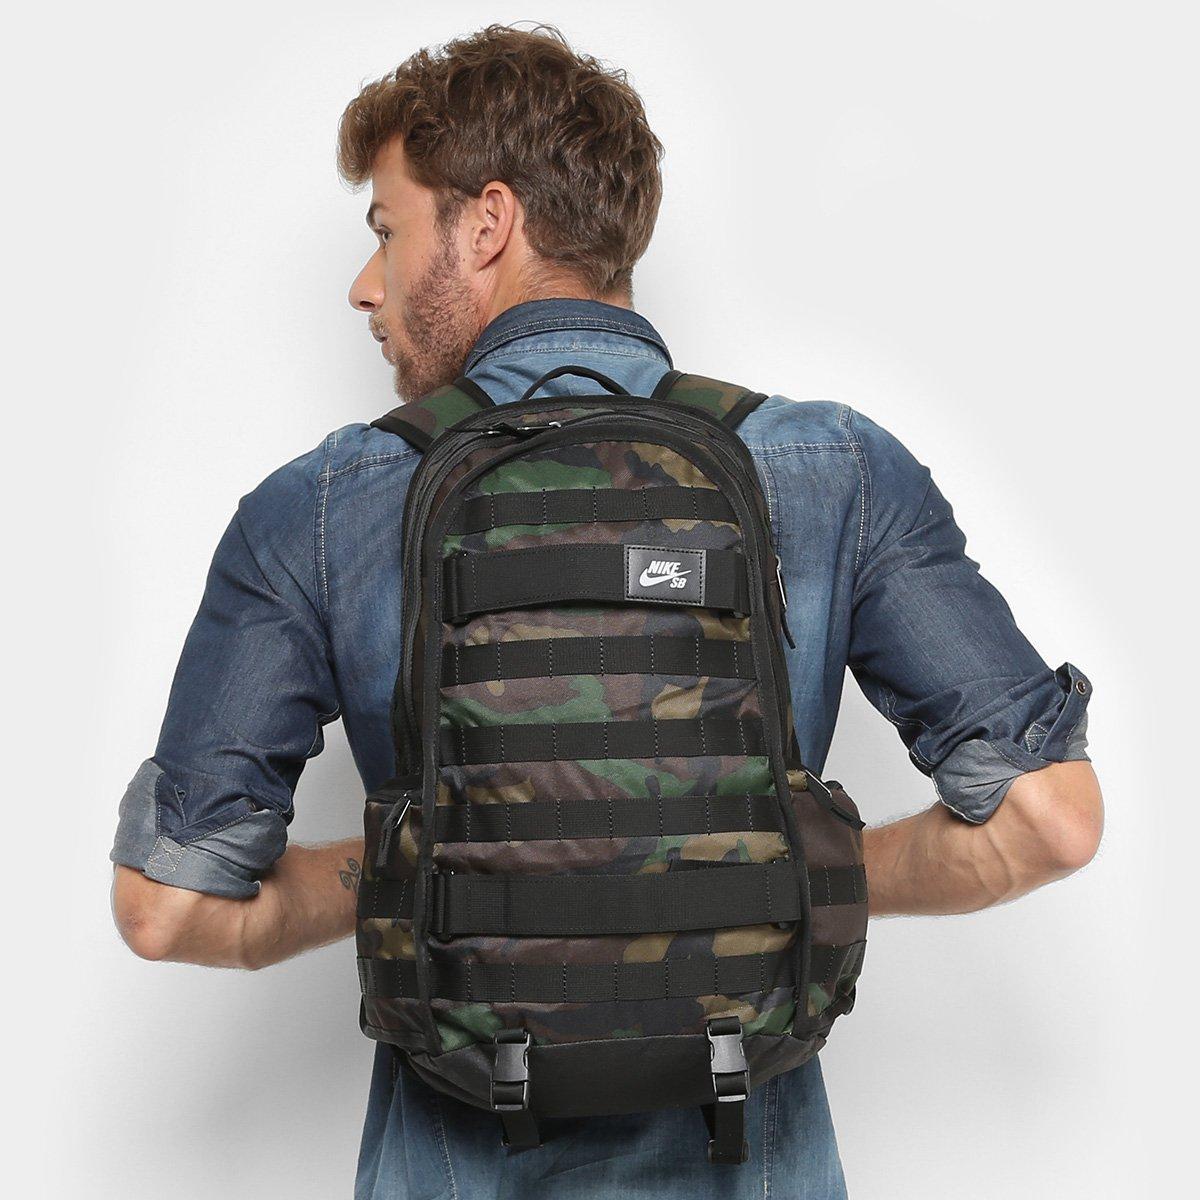 cccf16409 Mochila Nike SB RPM Backpack   Livelo -Sua Vida com Mais Recompensas